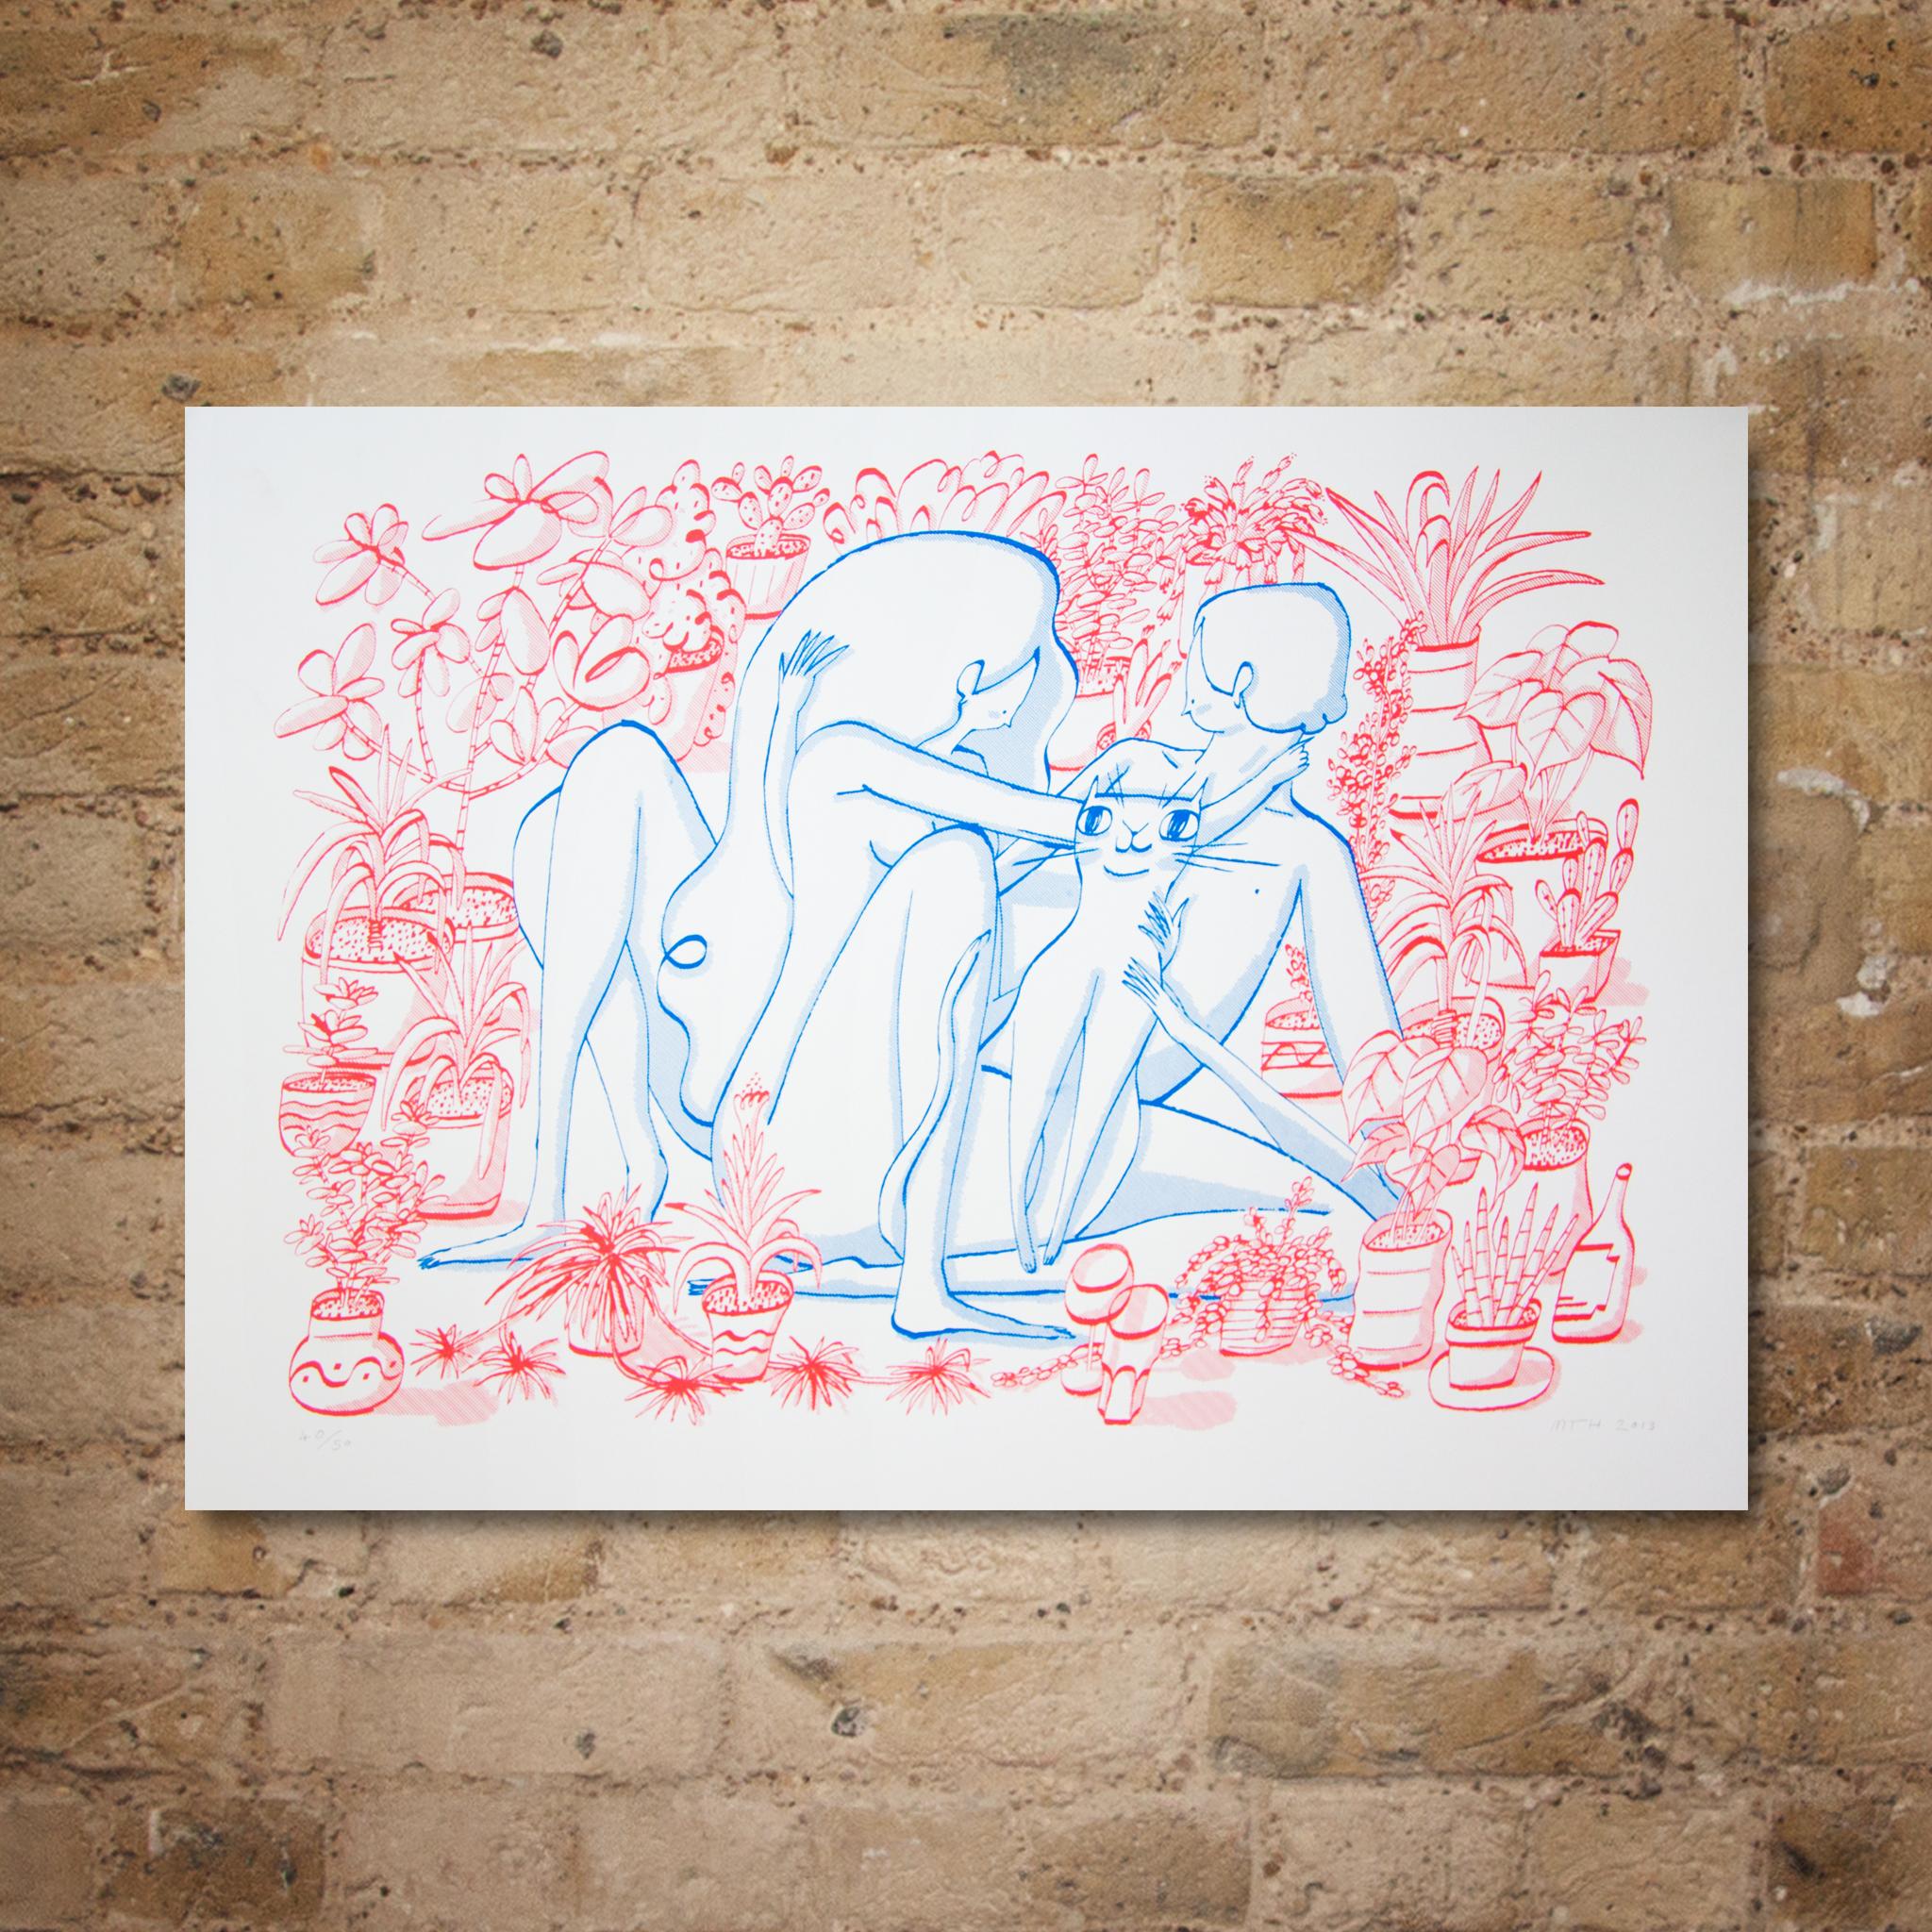 Matthew The Horse ELCAF Print